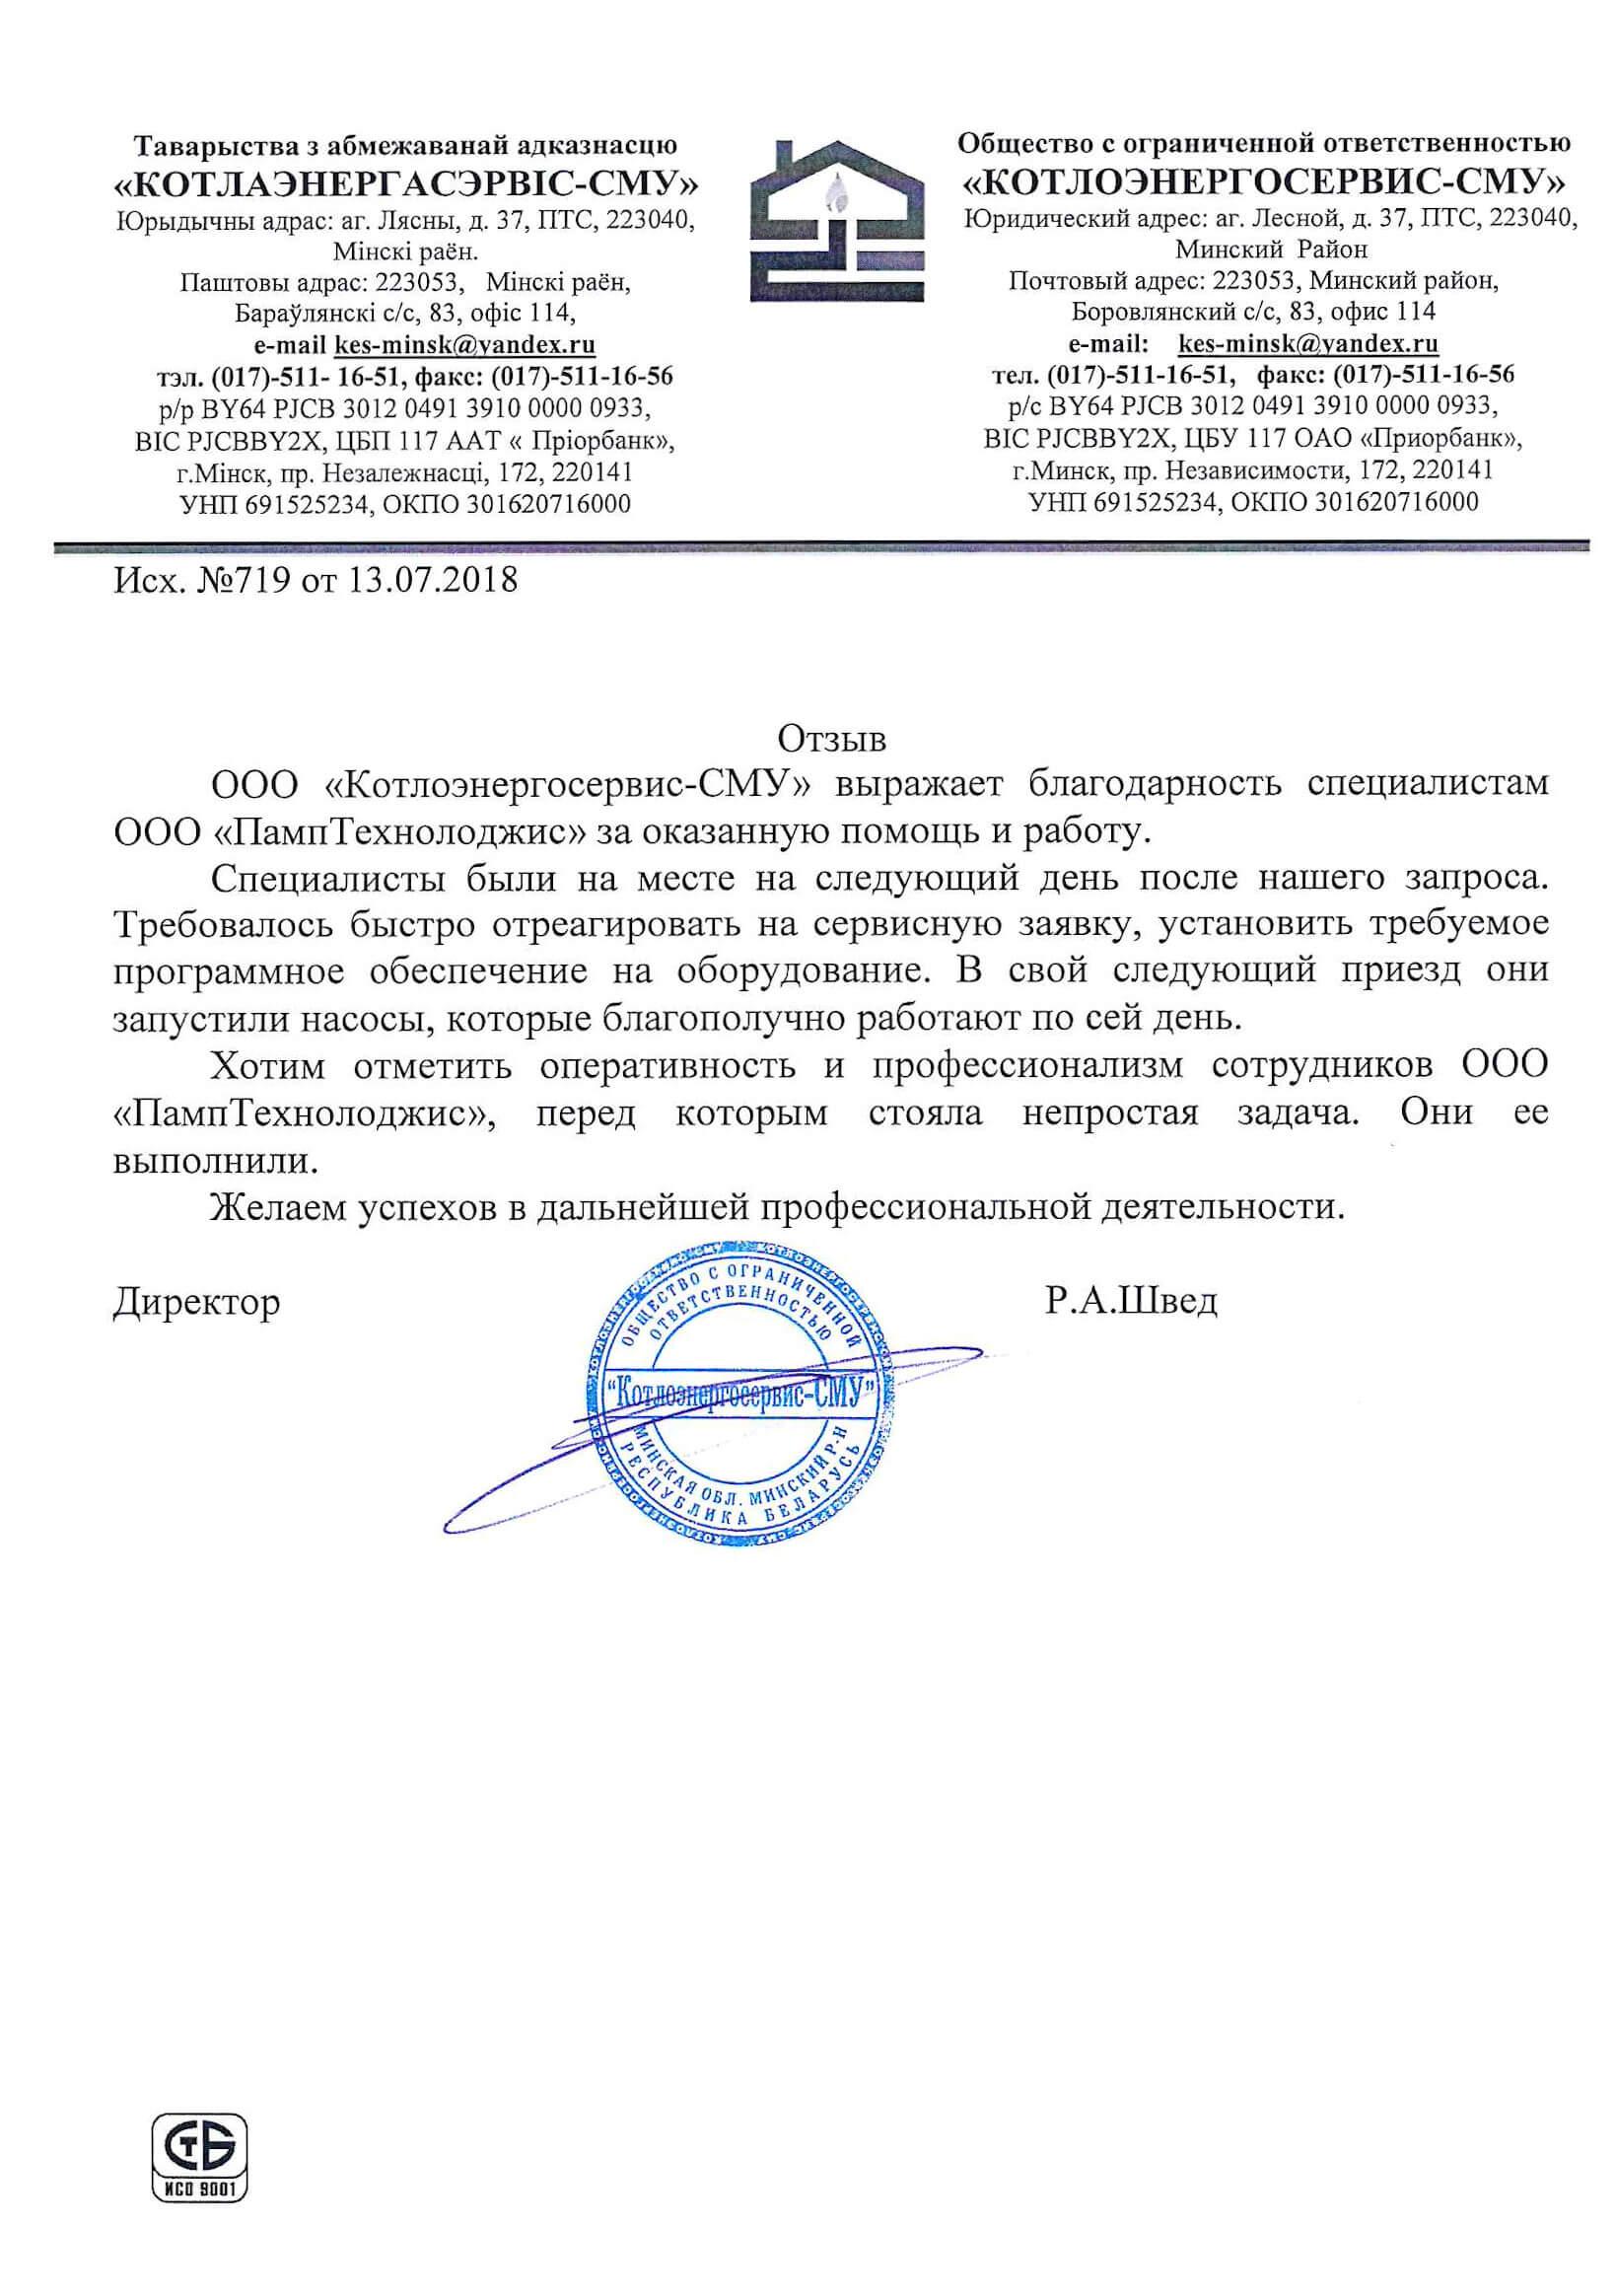 Отзыв ООО «КОТЛОЭНЕРГОСЕРВИС-СМУ»